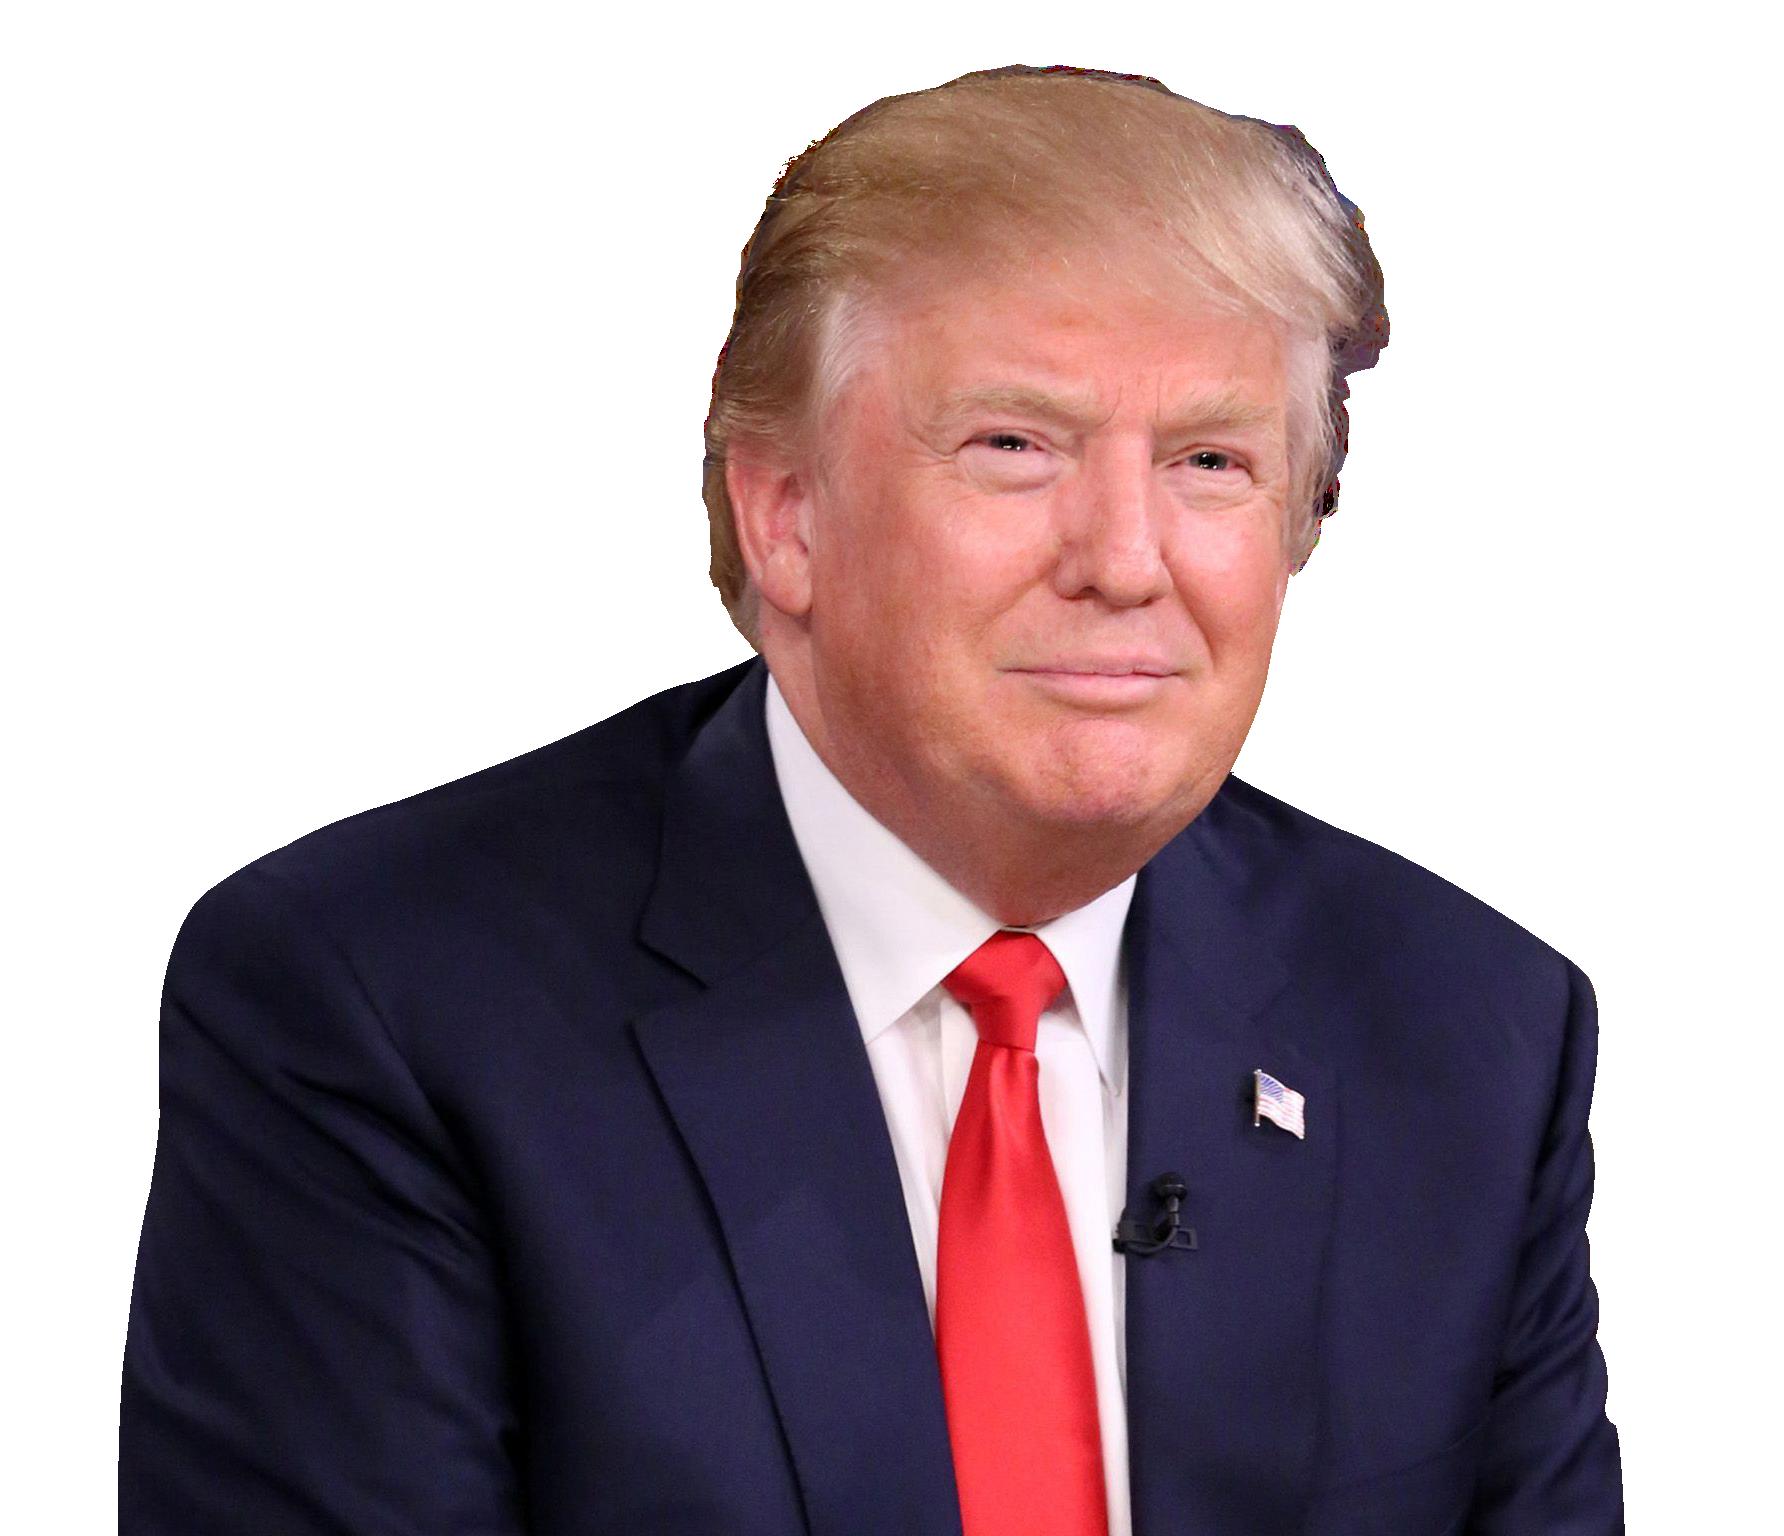 Donald Trump PNG - Donald Trump PNG